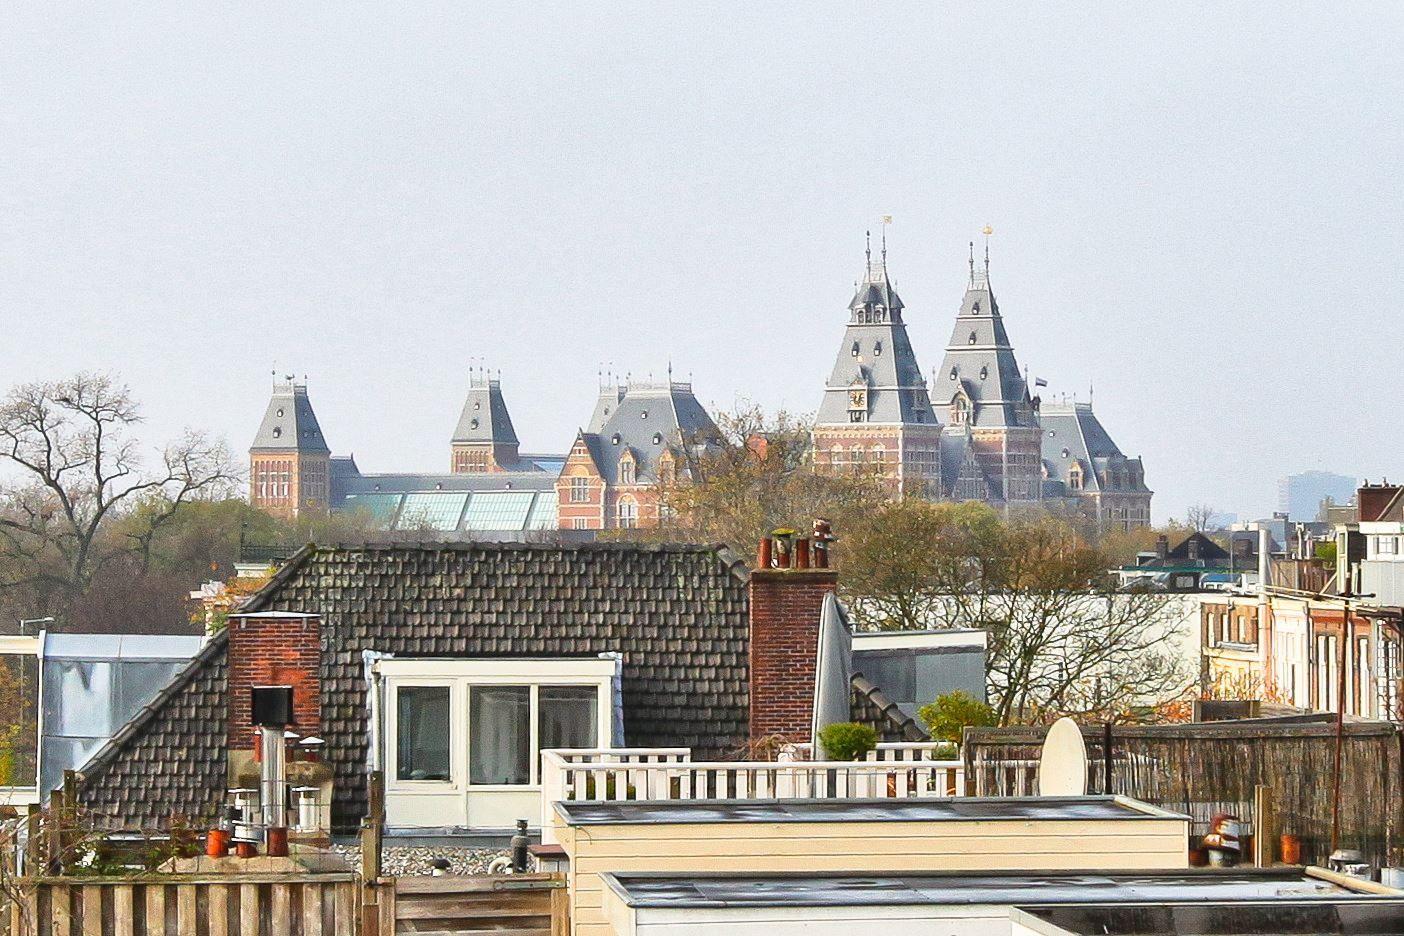 Appartement te koop: Den Texstraat 59 B 1017 XZ Amsterdam [funda]